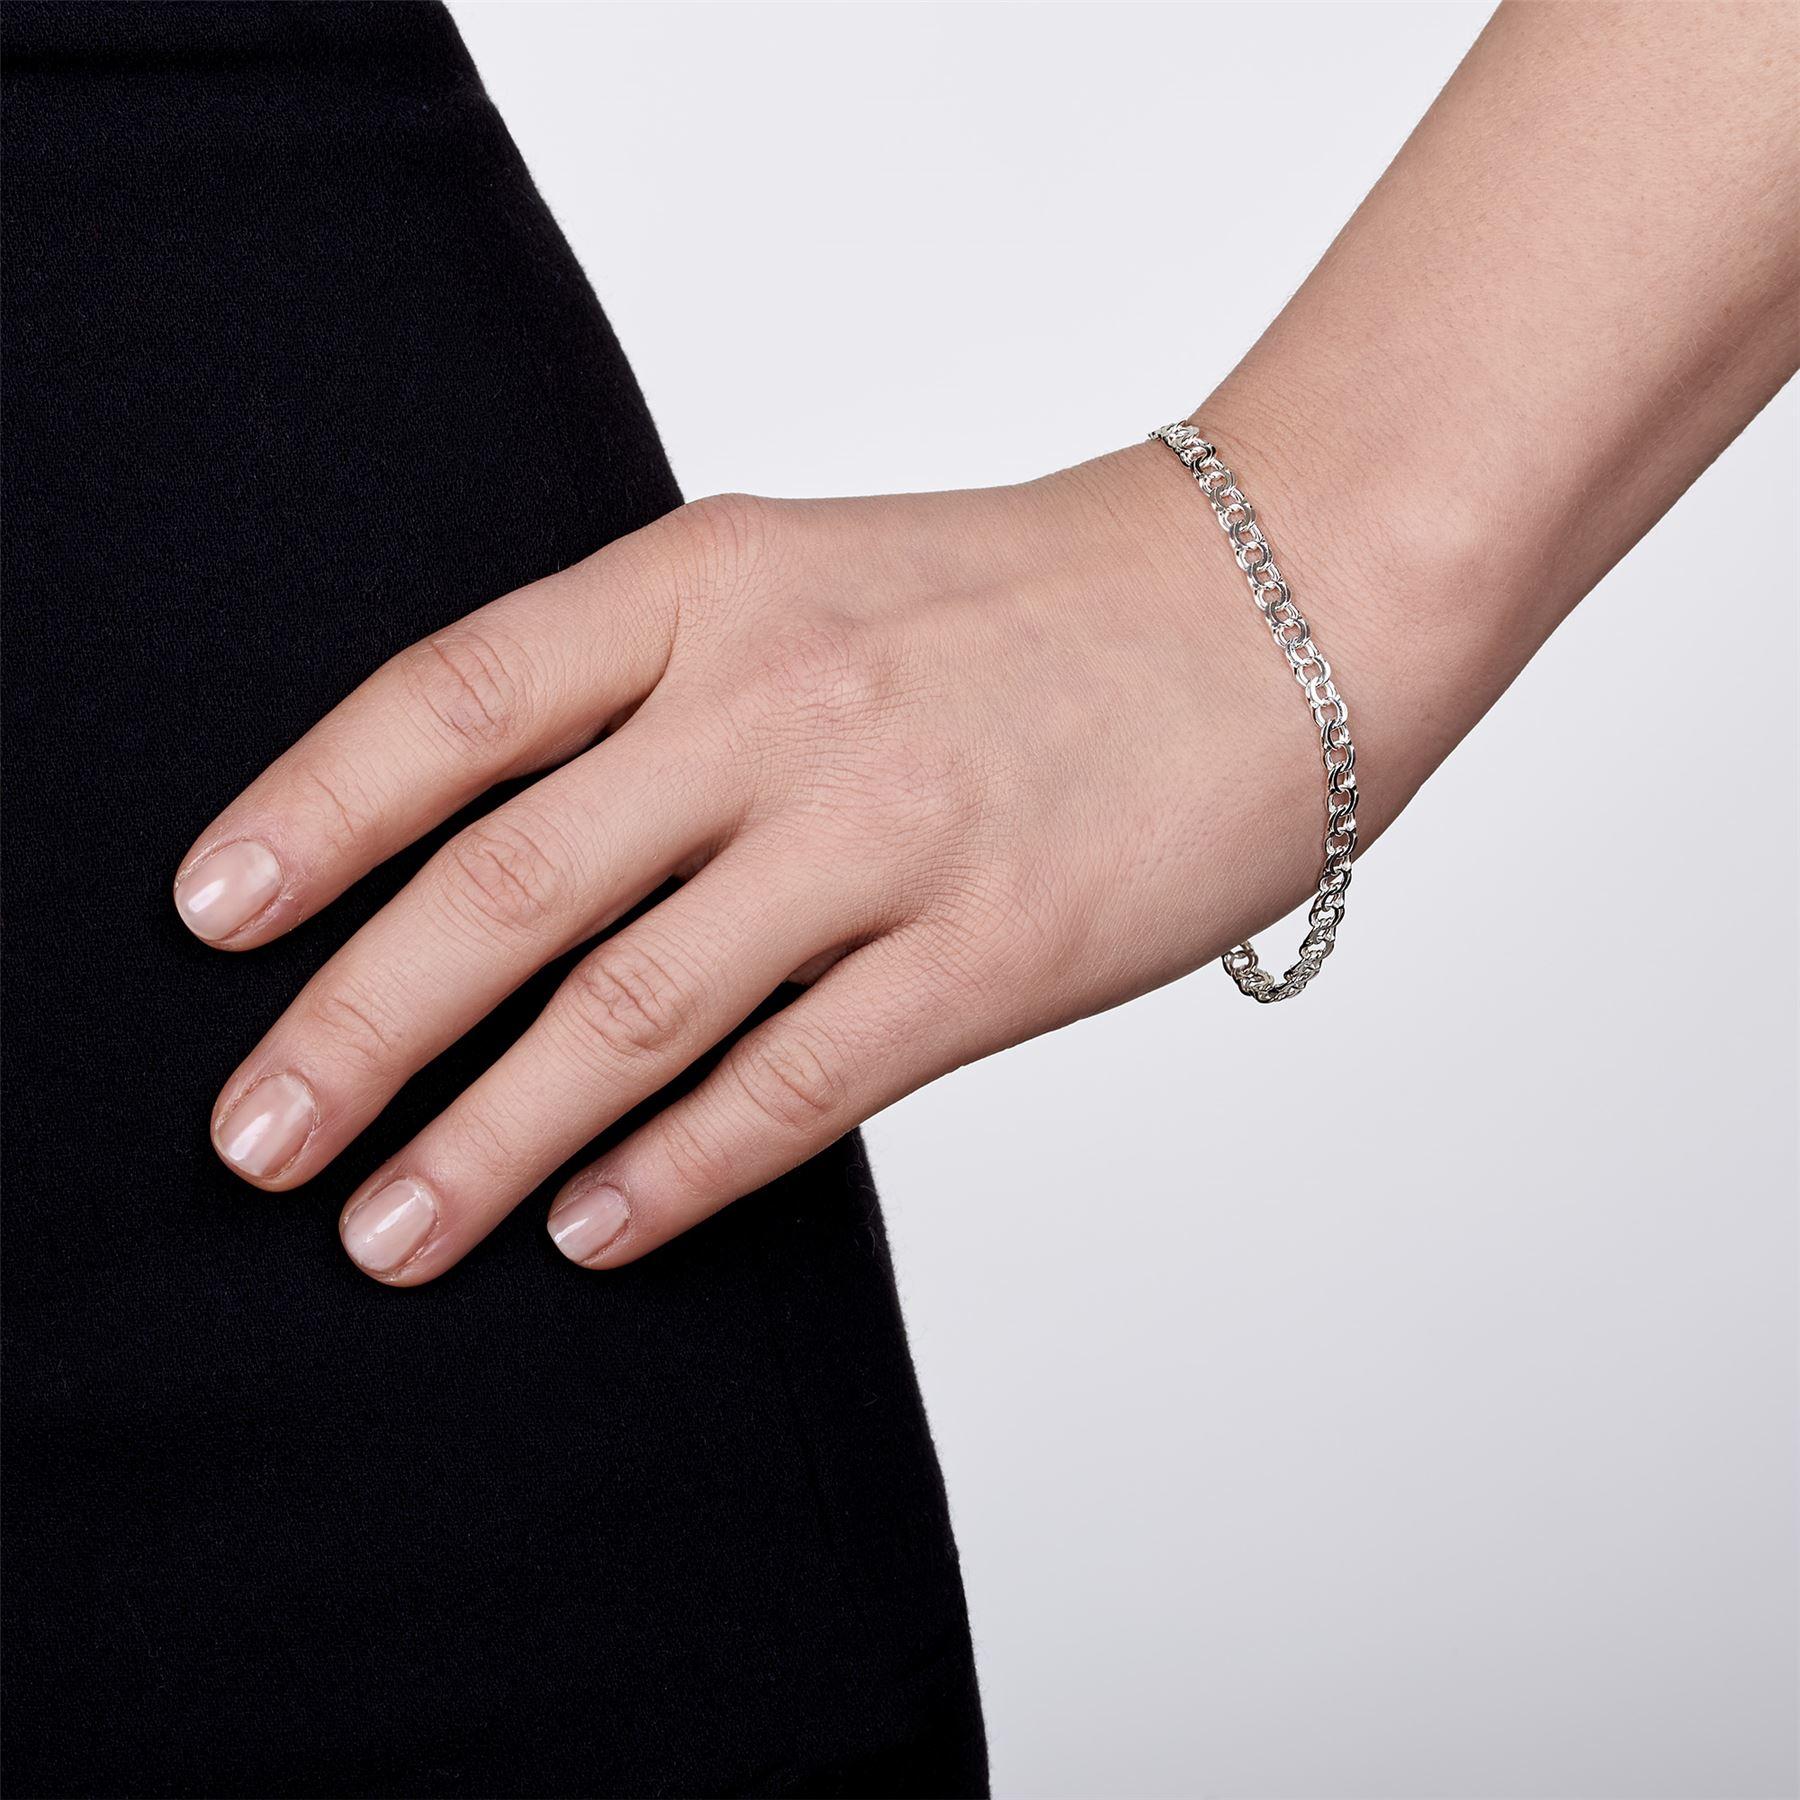 Amberta-Bijoux-Bracelet-en-Vrai-Argent-Sterling-925-Chaine-pour-Femme-a-la-Mode thumbnail 96